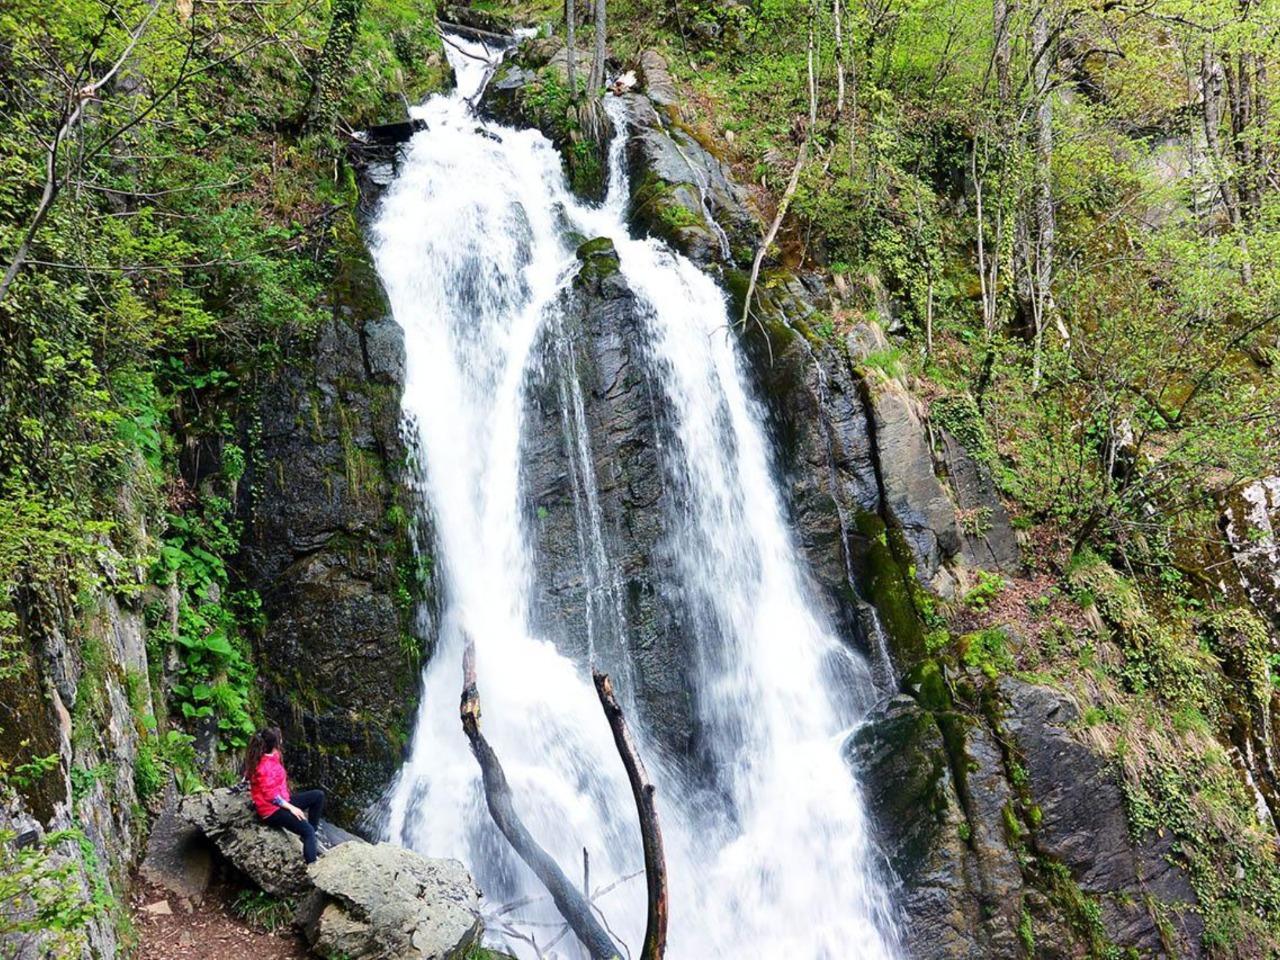 3 водопада за день - индивидуальная экскурсия в Сочи от опытного гида